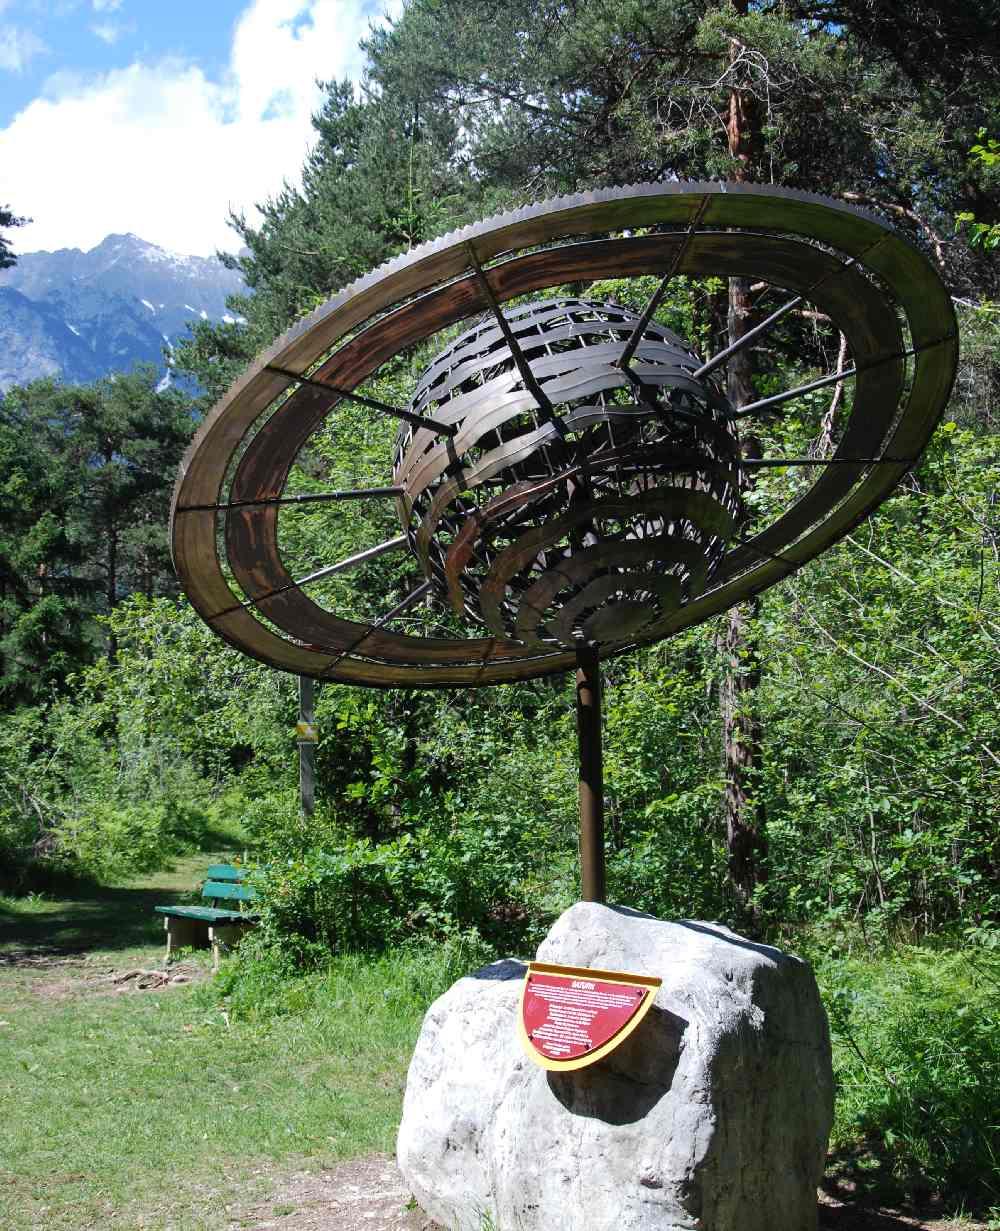 Der Planetenlehrpfad in Tirol - ab Vomperbach durch den Forchat Wald